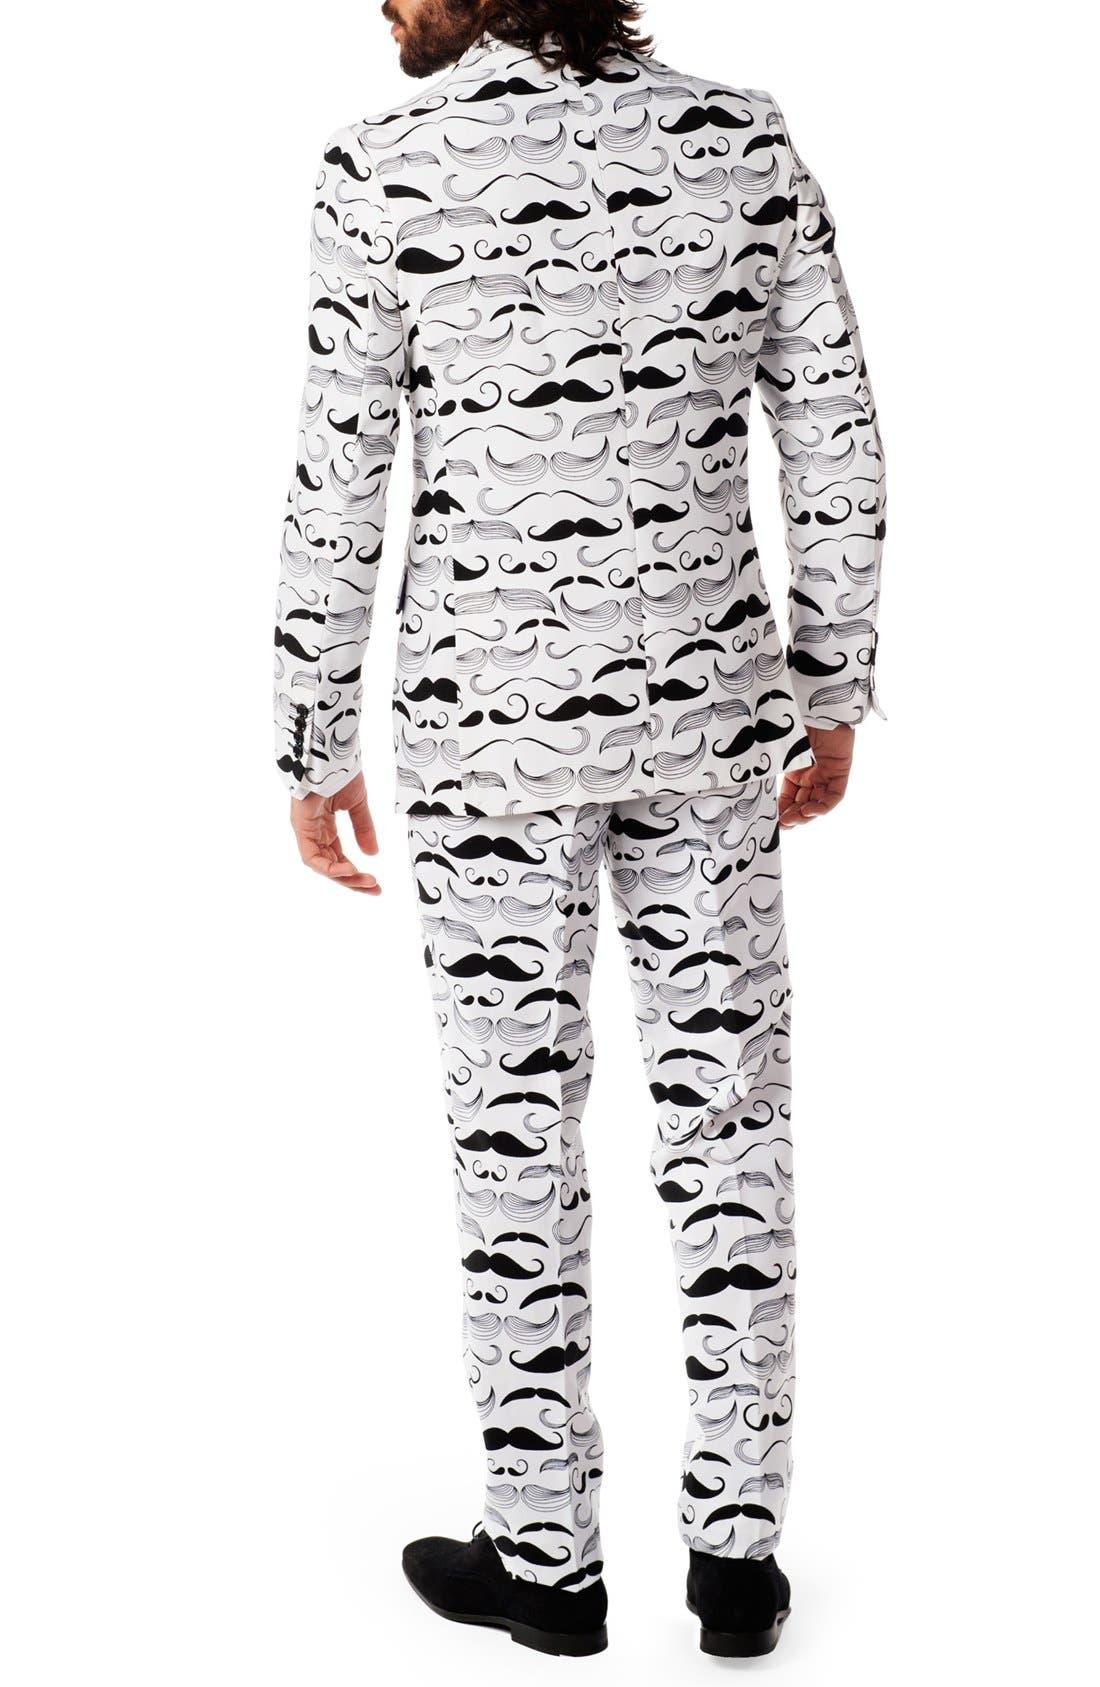 'Tashtastic' Trim Fit Two-Piece Suit with Tie,                             Alternate thumbnail 3, color,